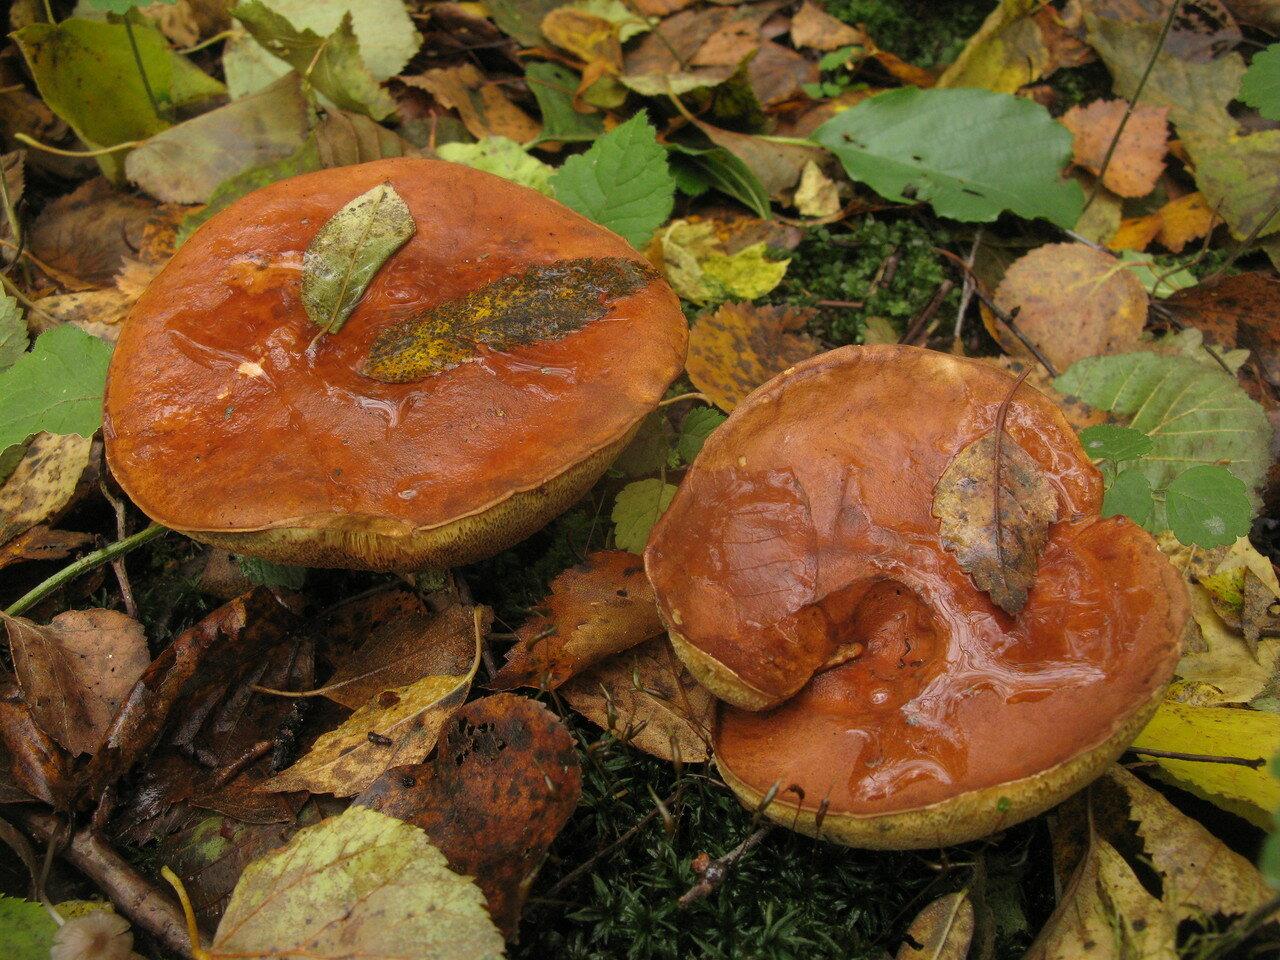 Польский гриб (Imleria badia) Автор фото: Станислав Кривошеев